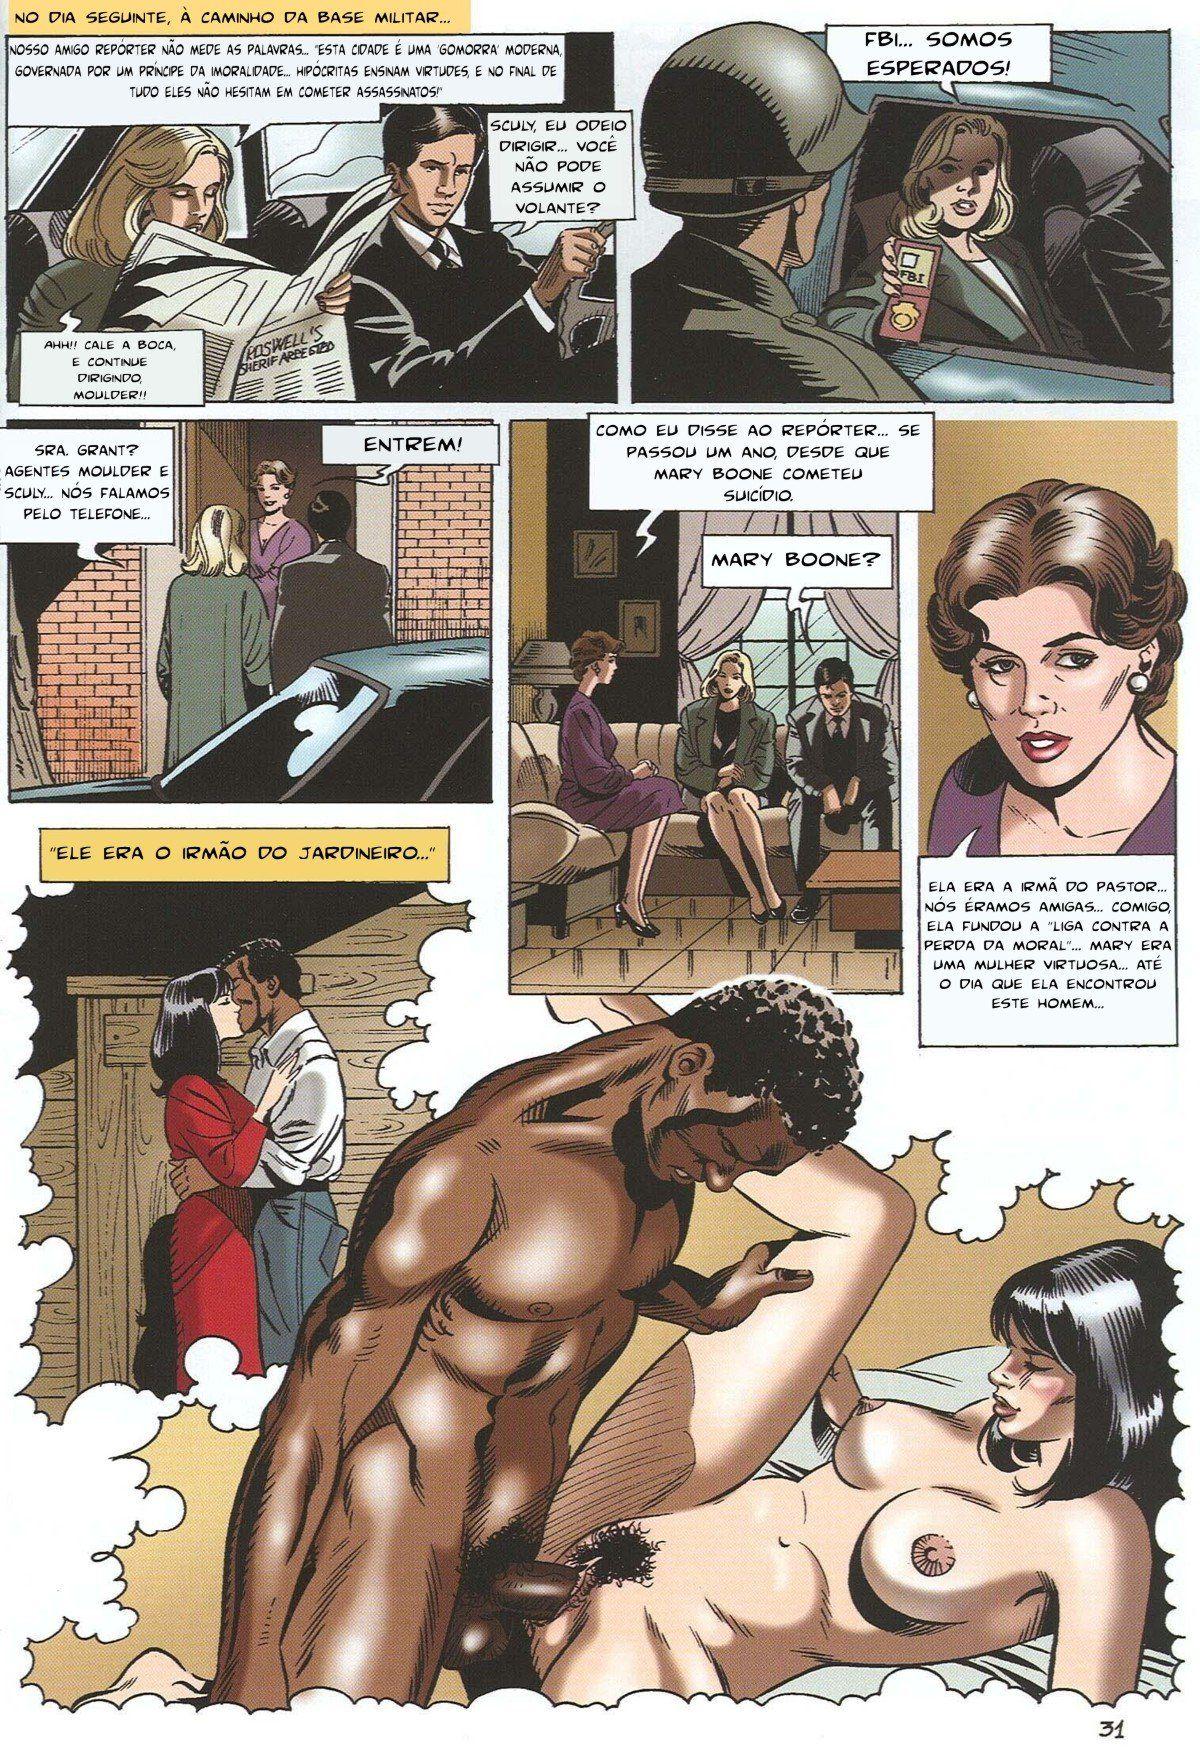 A vingança da ninfomaníaca - Contos Eróticos (32)